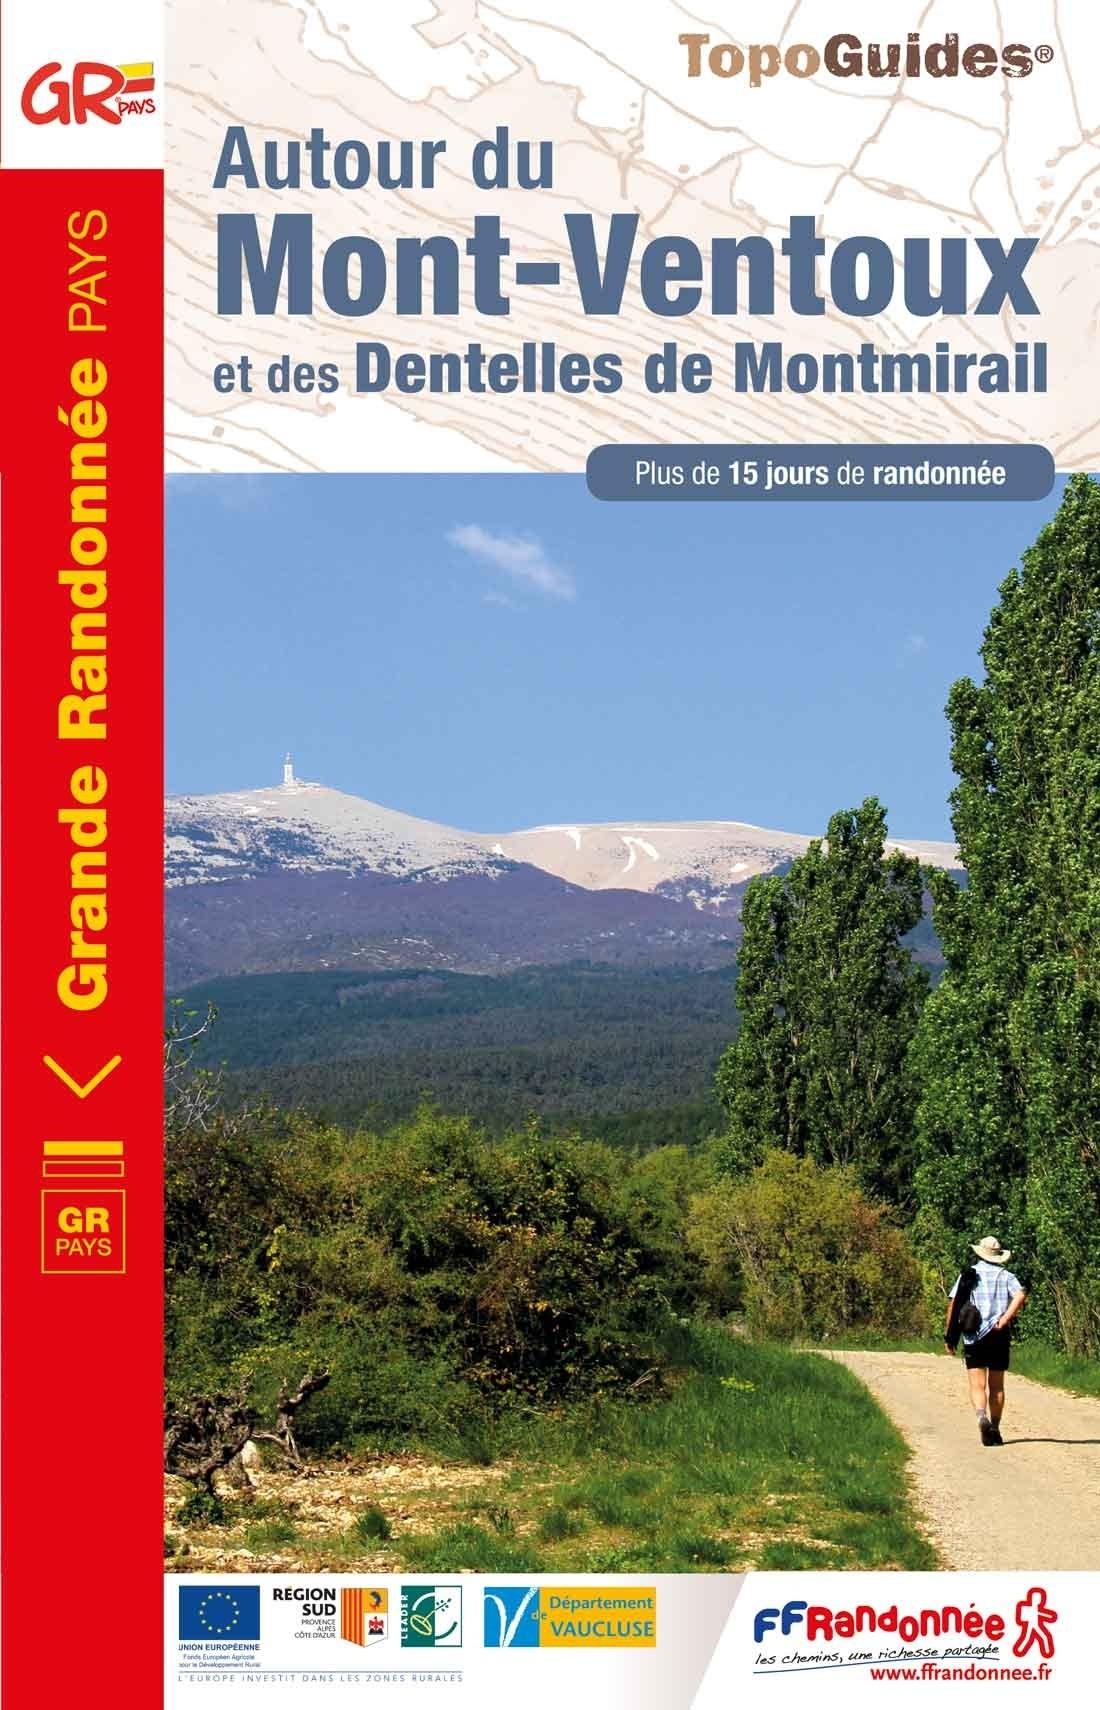 TG8400  Autour du Mont Ventoux | wandelgids 9782751410215  FFRP Topoguides  Meerdaagse wandelroutes, Wandelgidsen Provence, Marseille, Camargue